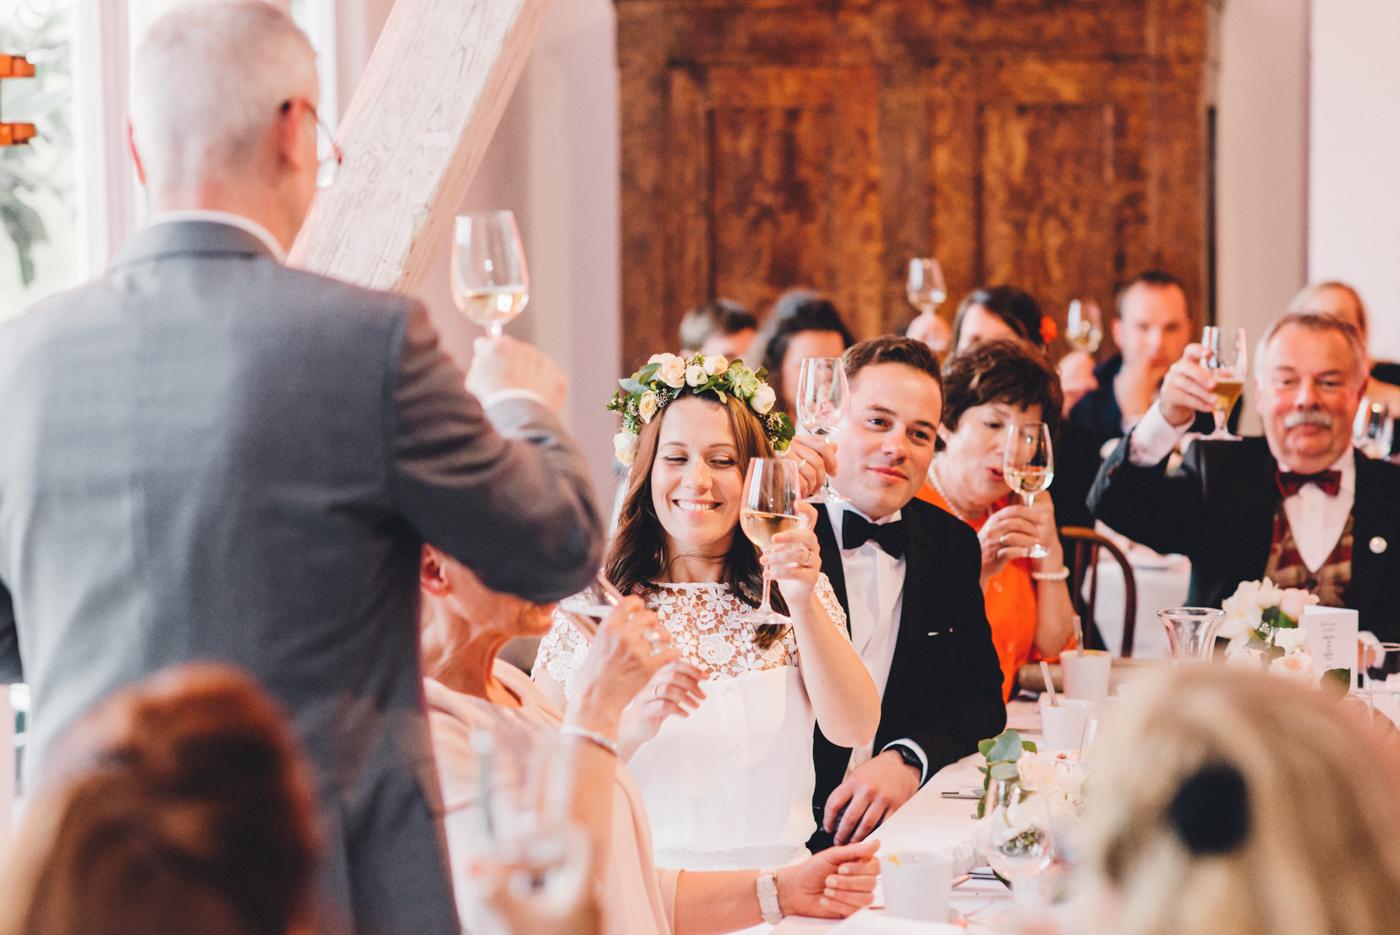 diy-wedding-nothenhof--136